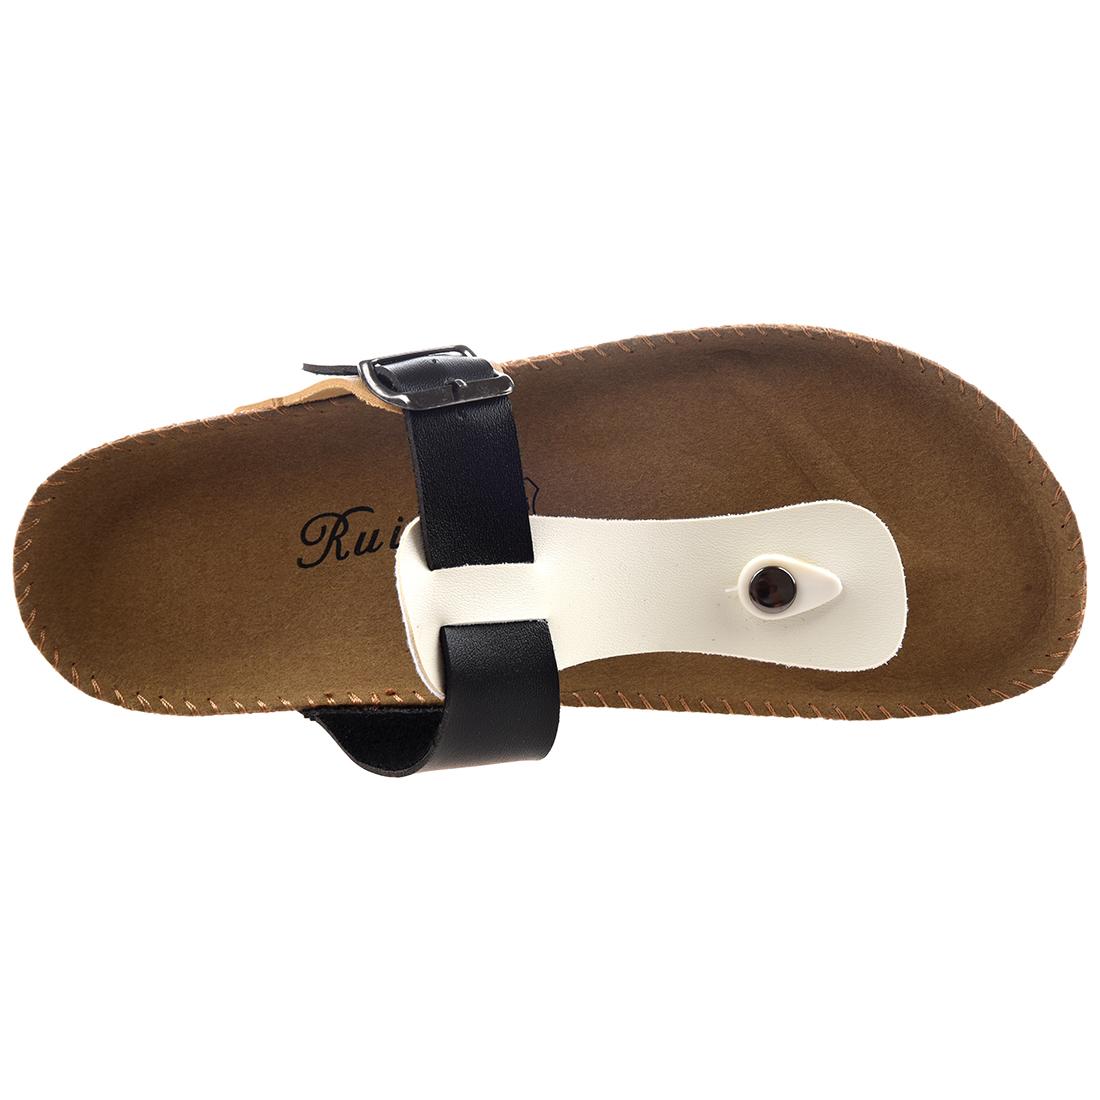 RUIZUU-Chancletas-deportivas-Sandalias-de-playa-Zapatillas-de-Mujer-Hombres-PB miniatura 4